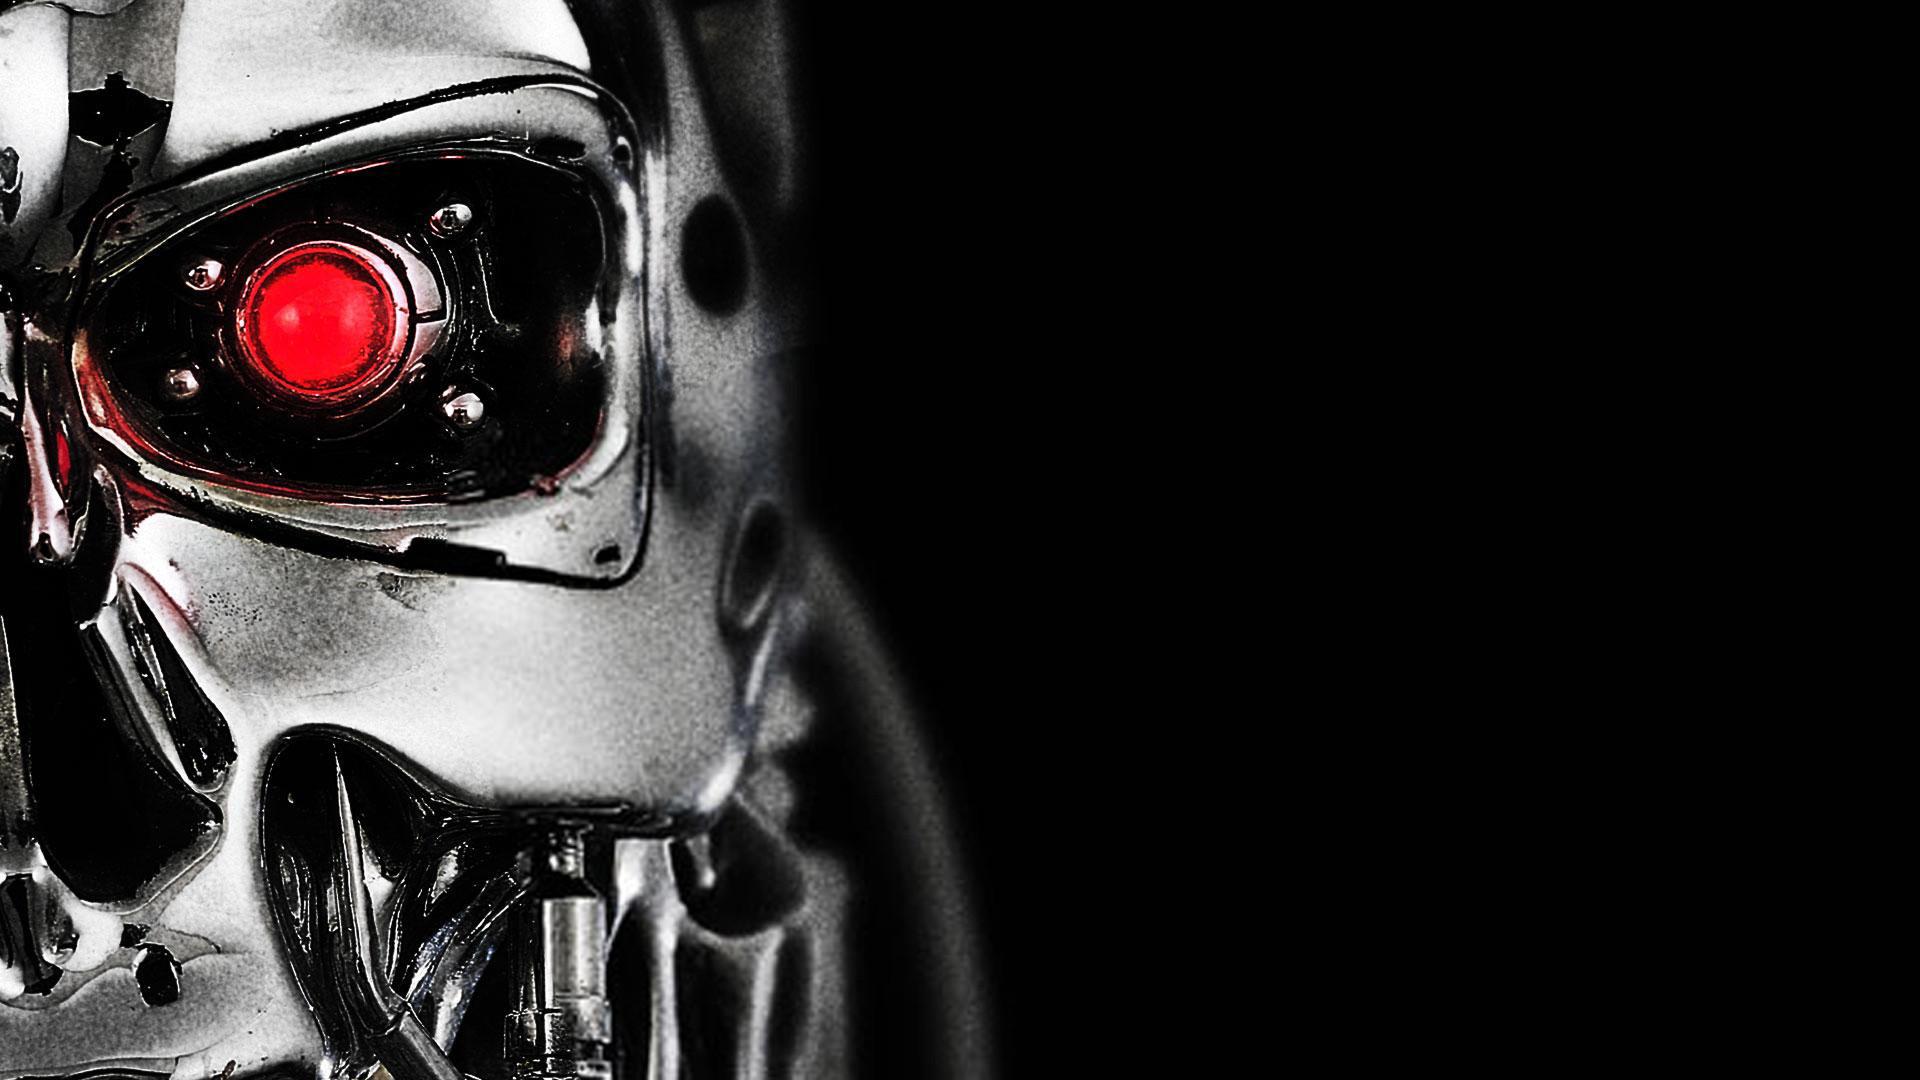 Робот в темноте в хорошем качестве